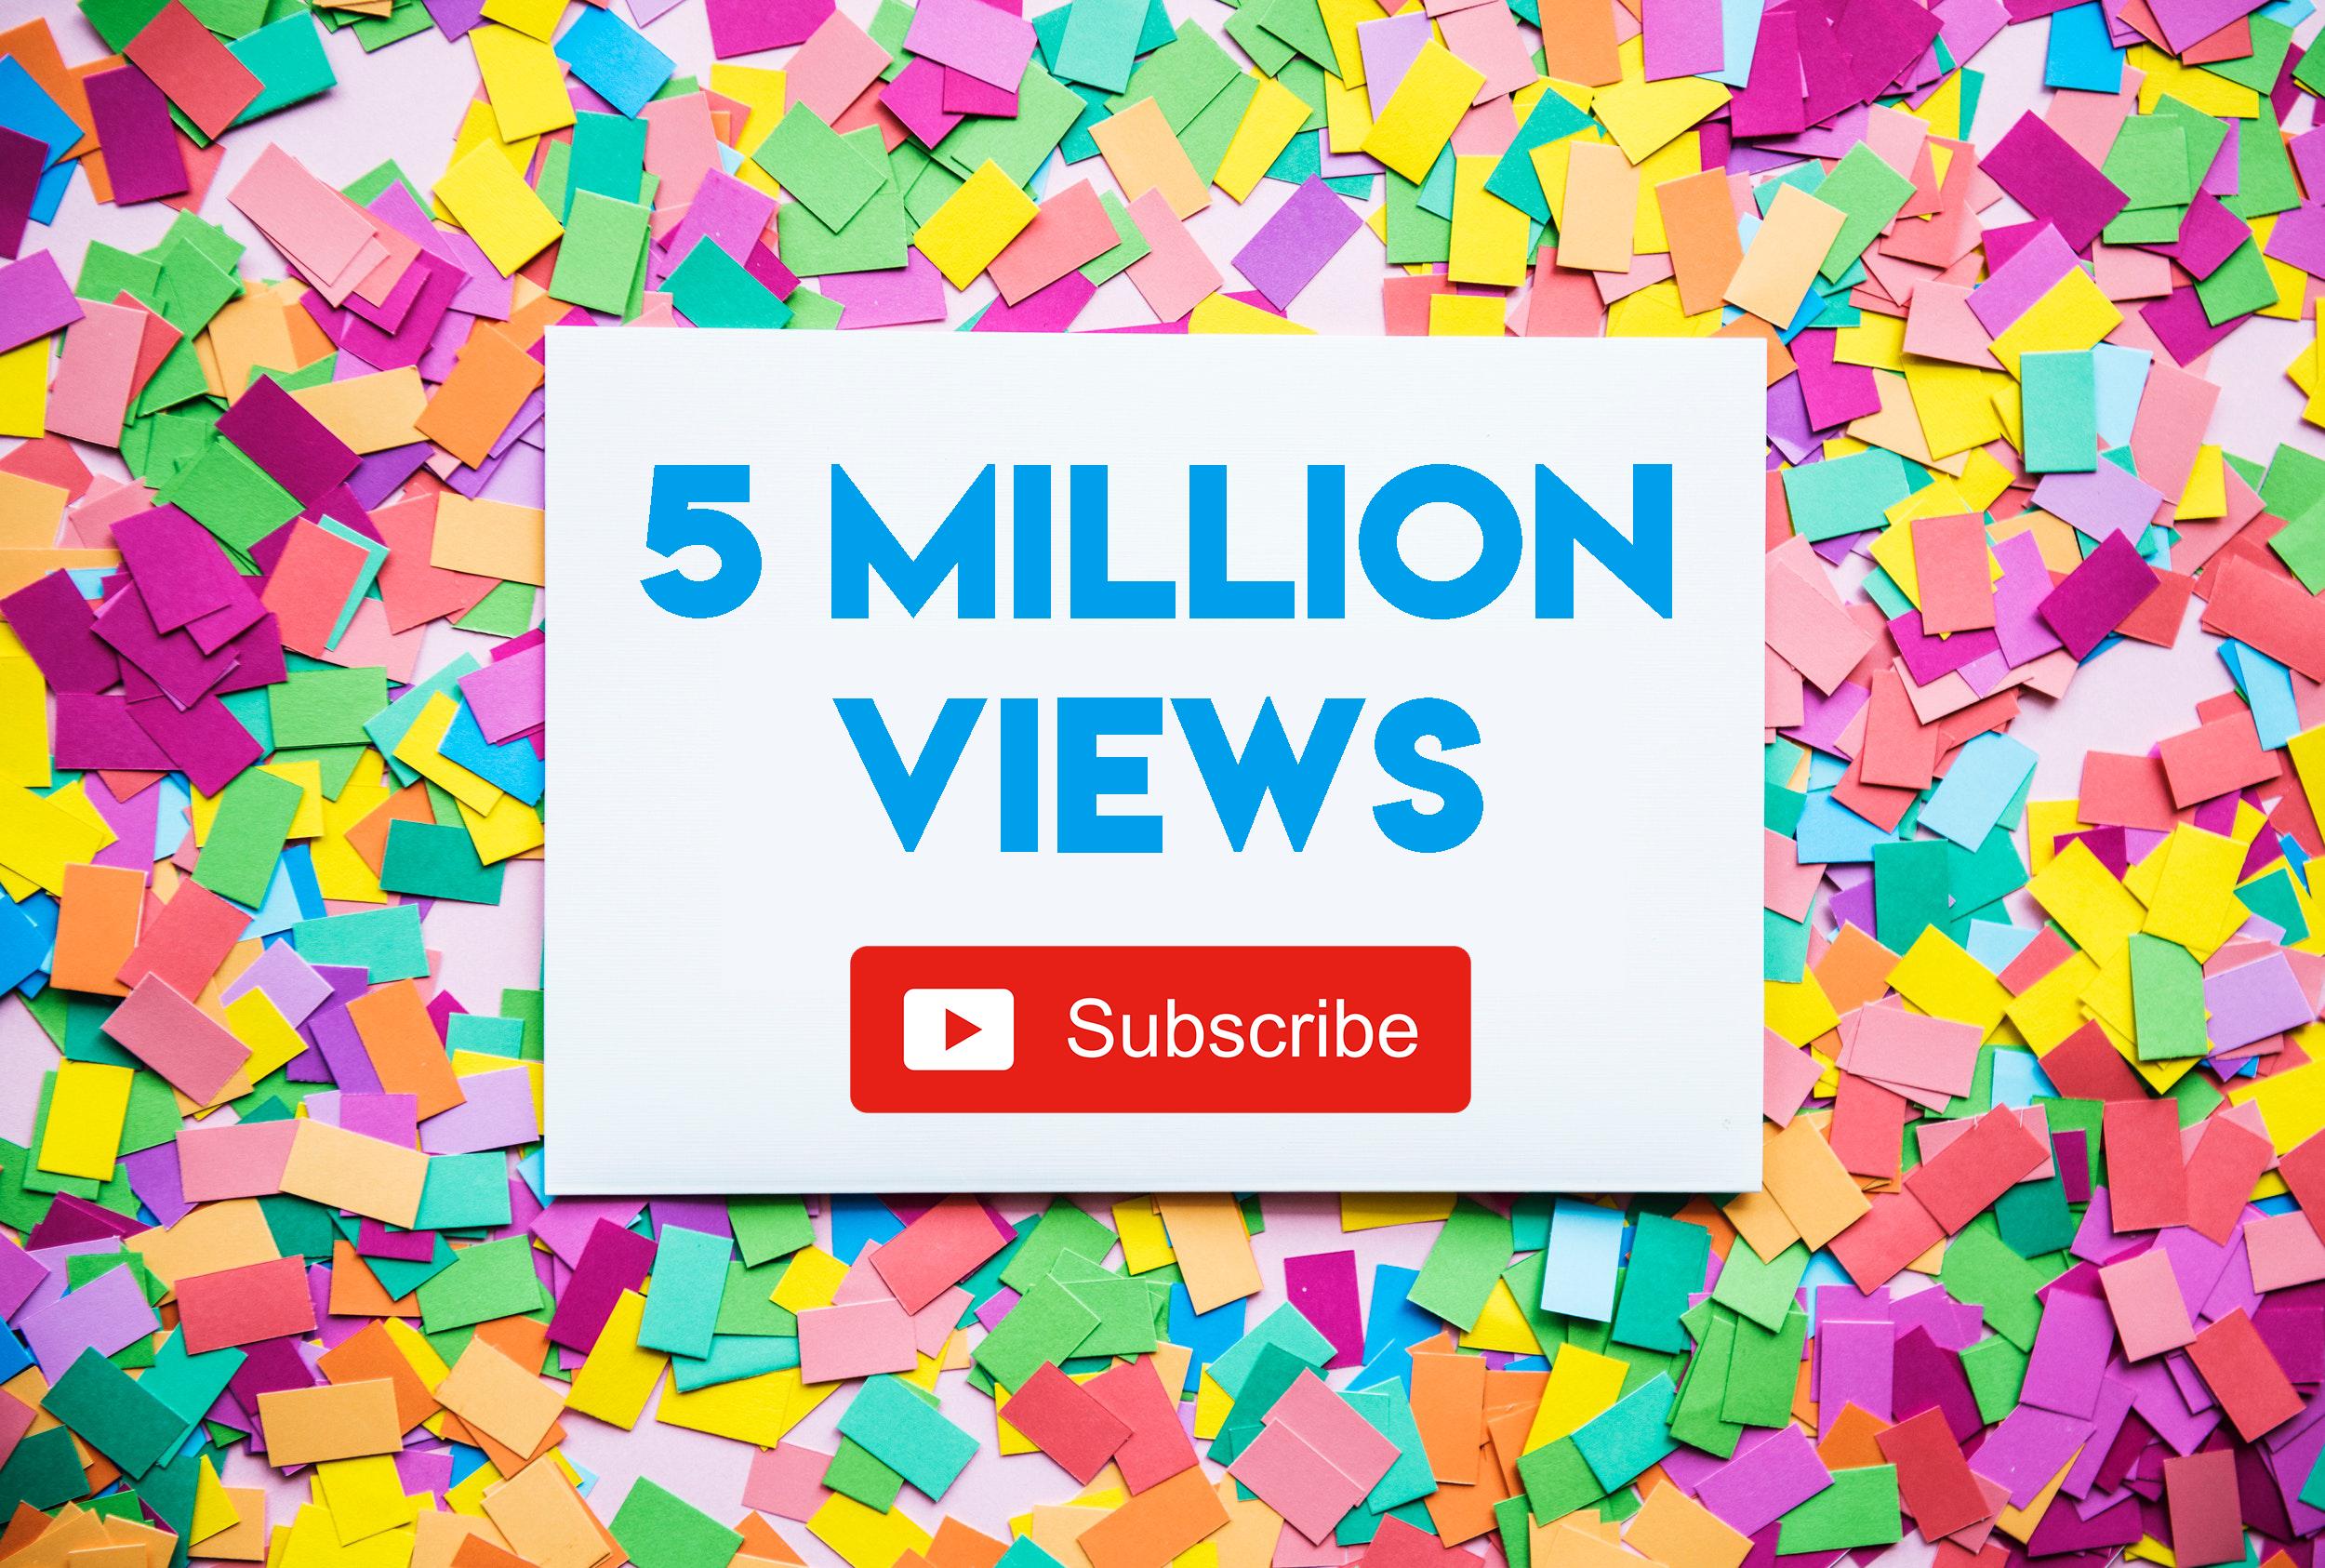 5 Million YouTube Views